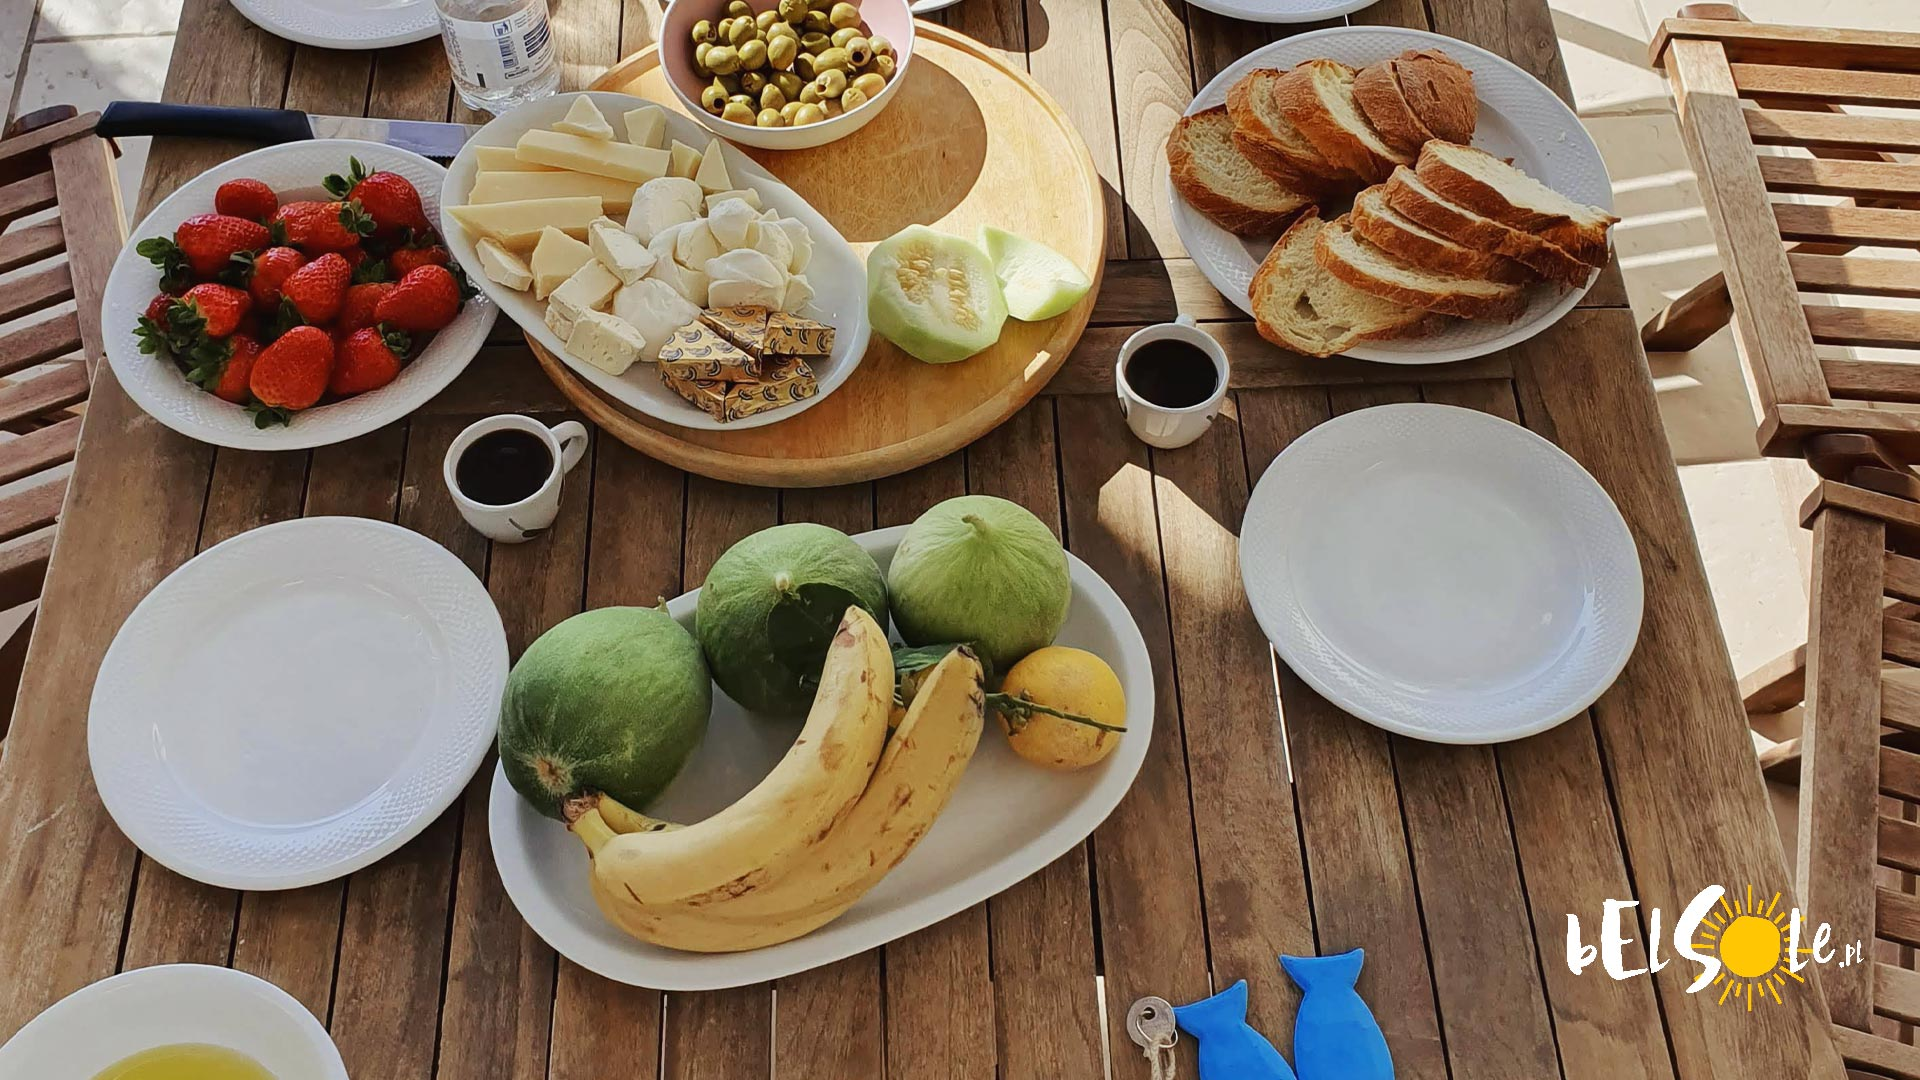 śniadanie włochy